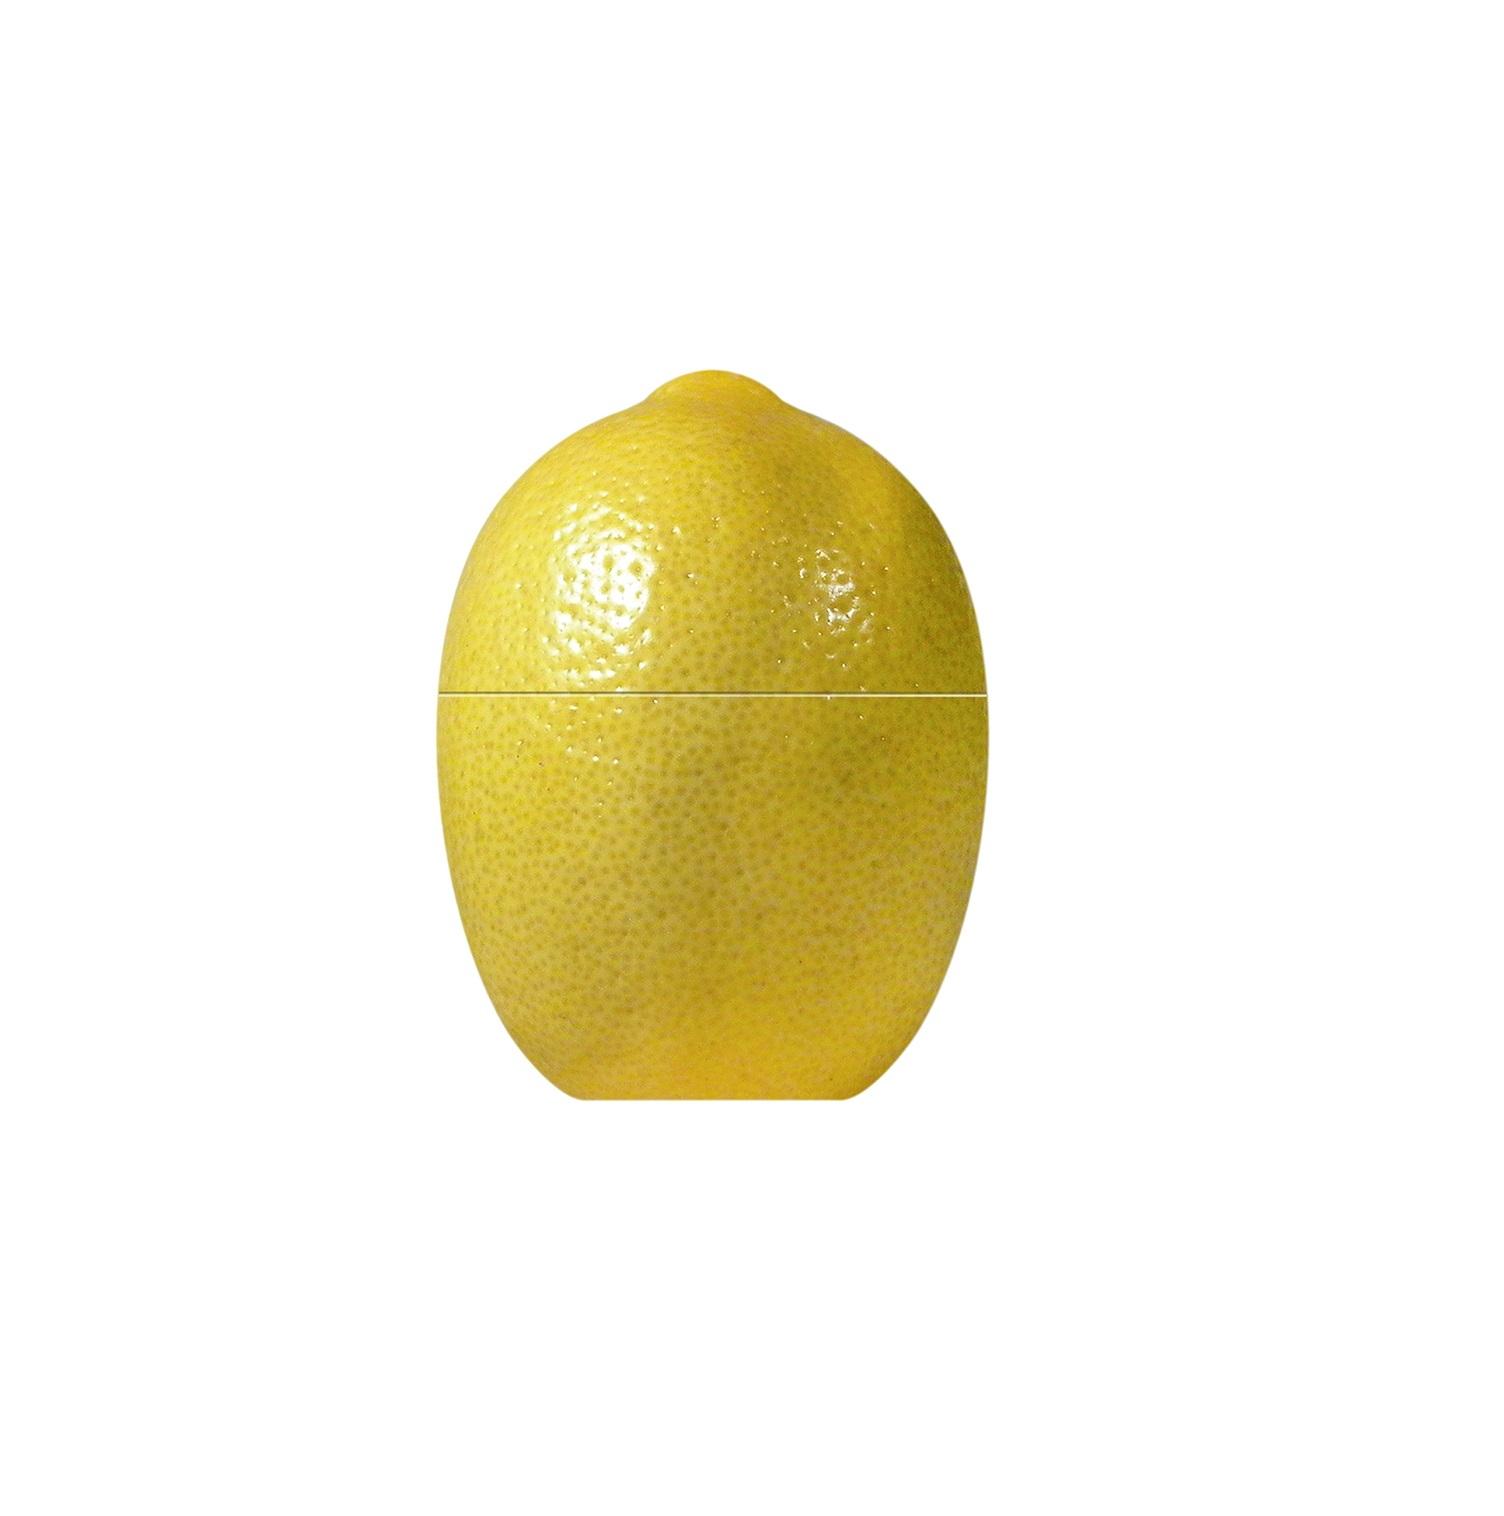 Conservador de limón Food&More 8cm. Amarillo